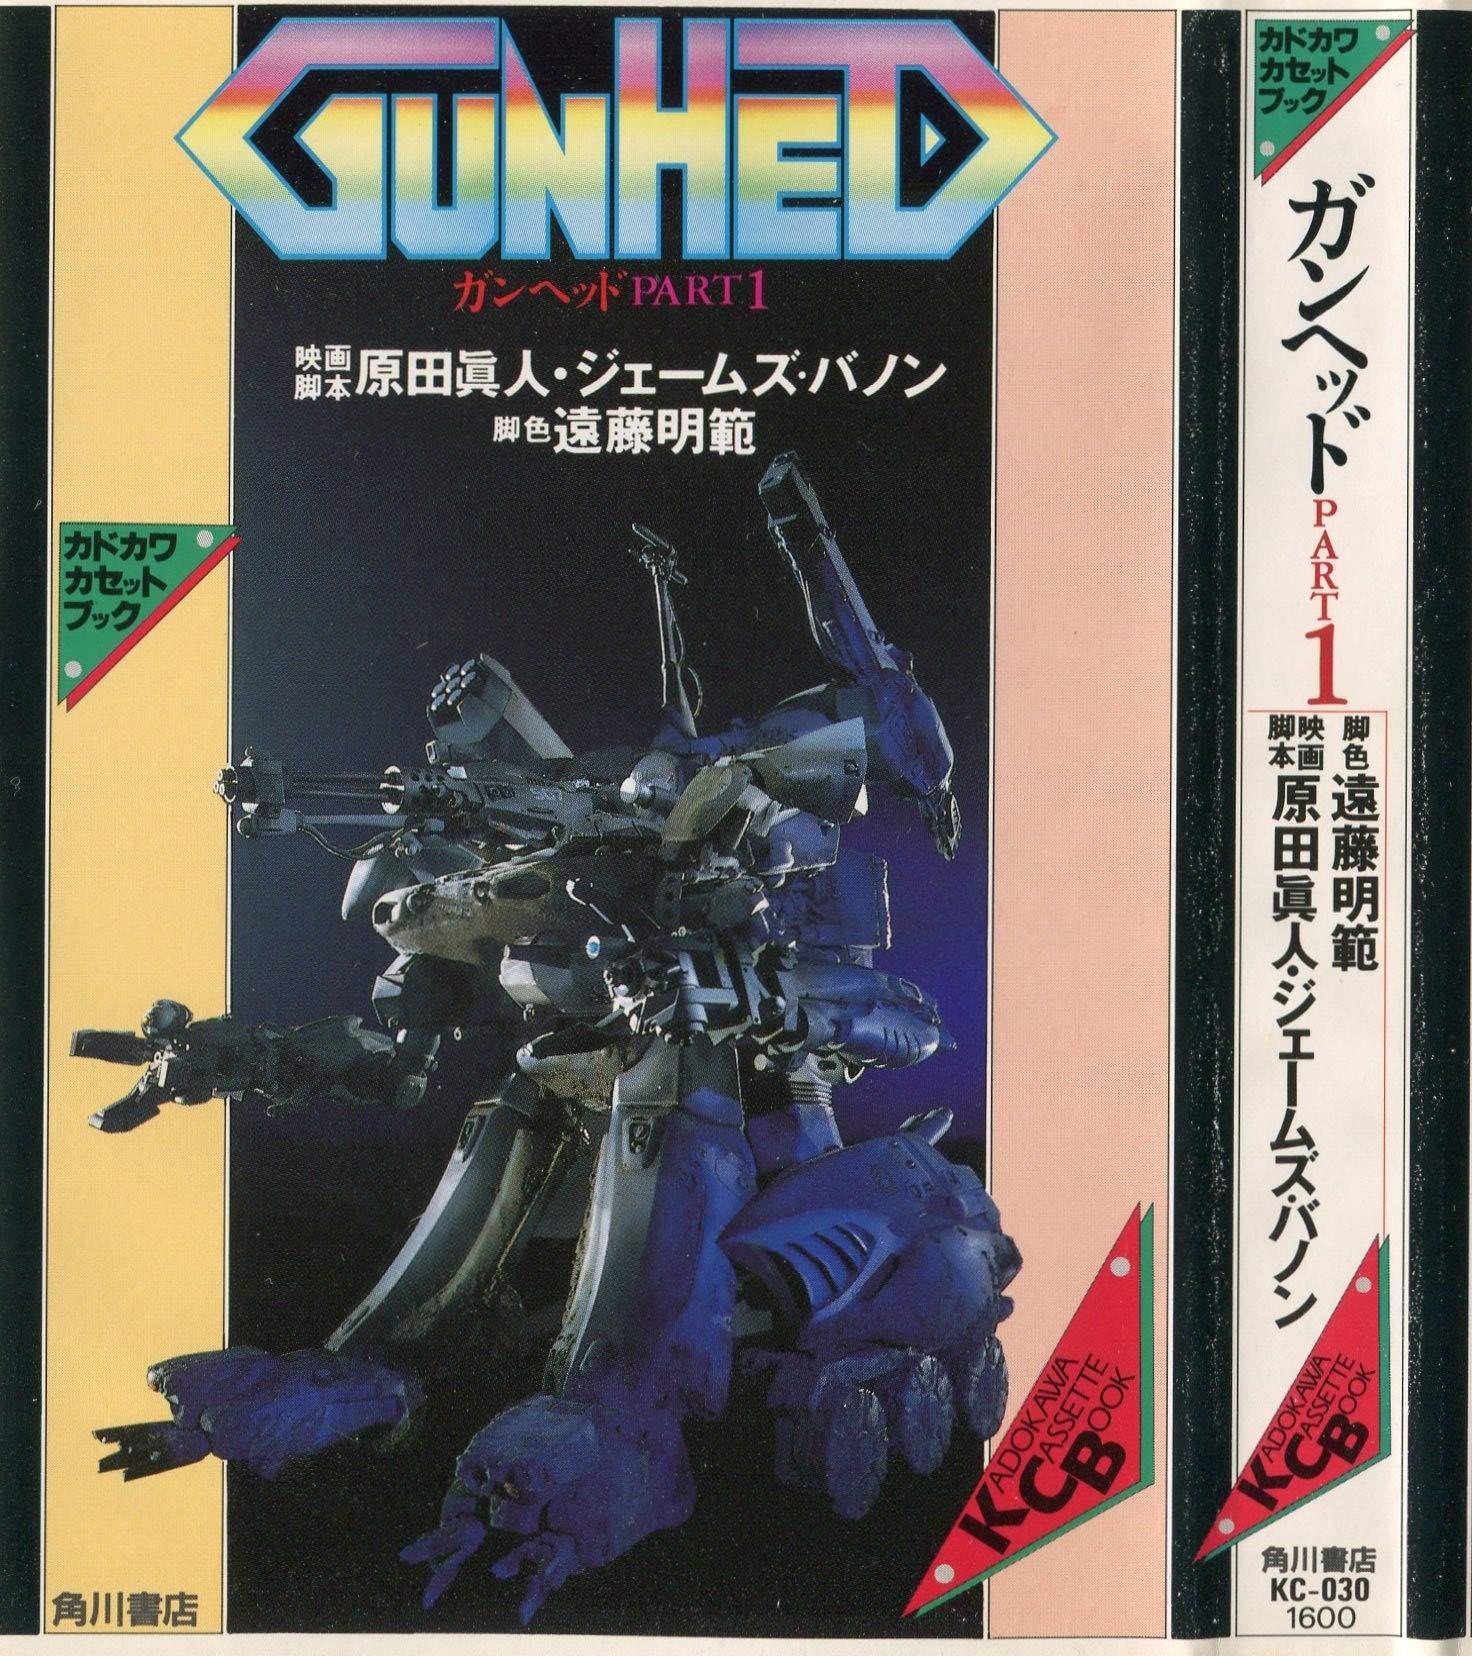 Amazon.co.jp: ガンヘッド part 1 [カドカワカセットブック/KCー030 ...